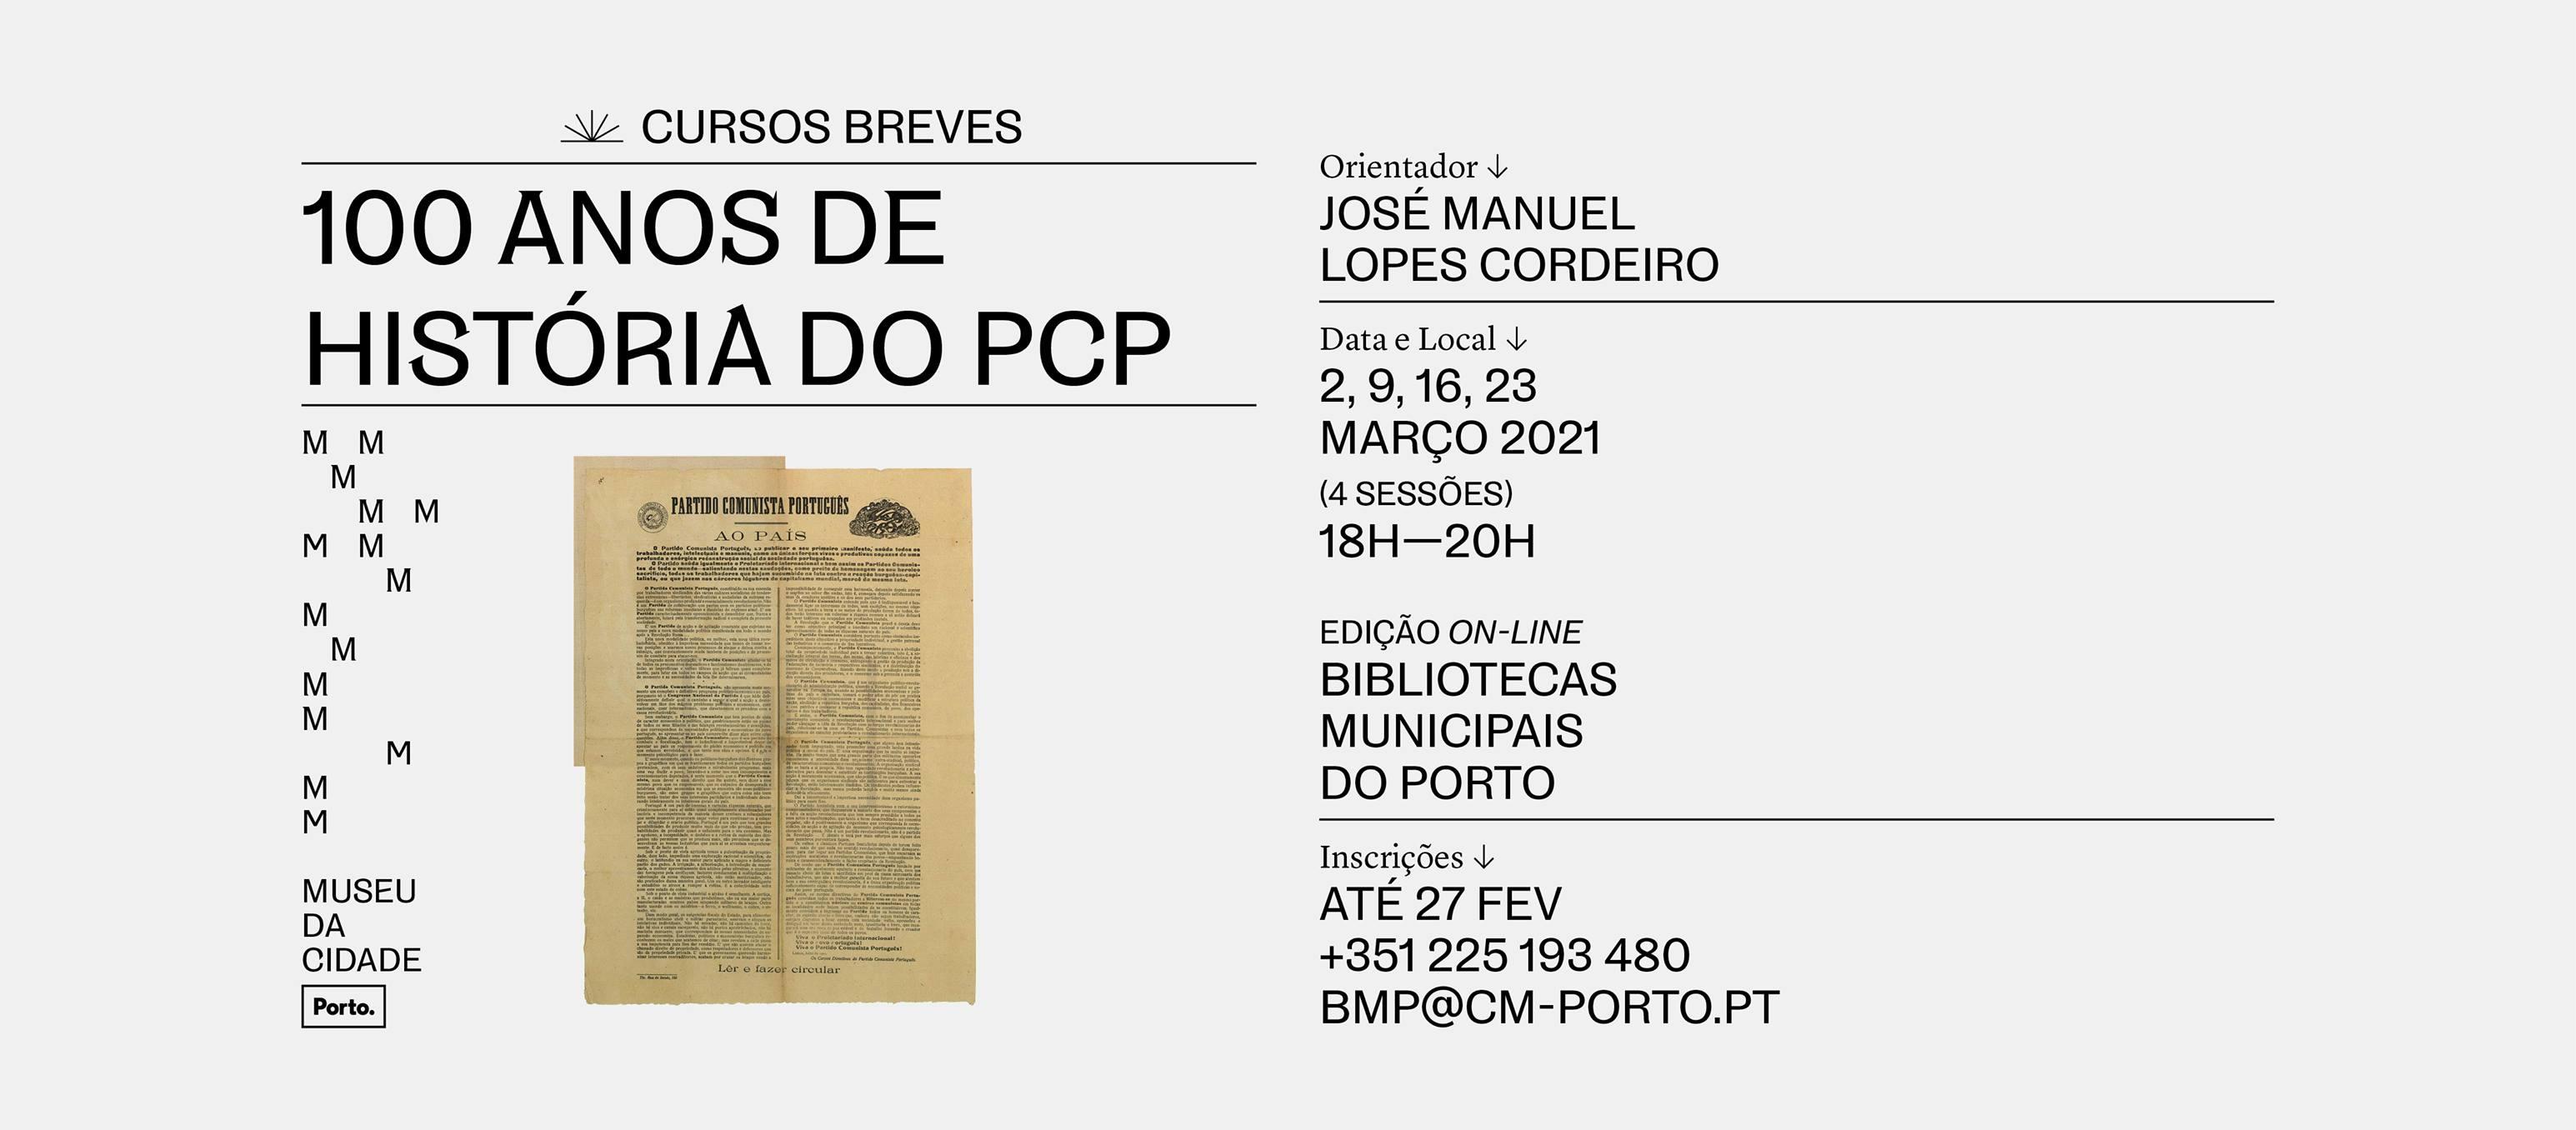 Curso Breve—100 anos de História do PCP